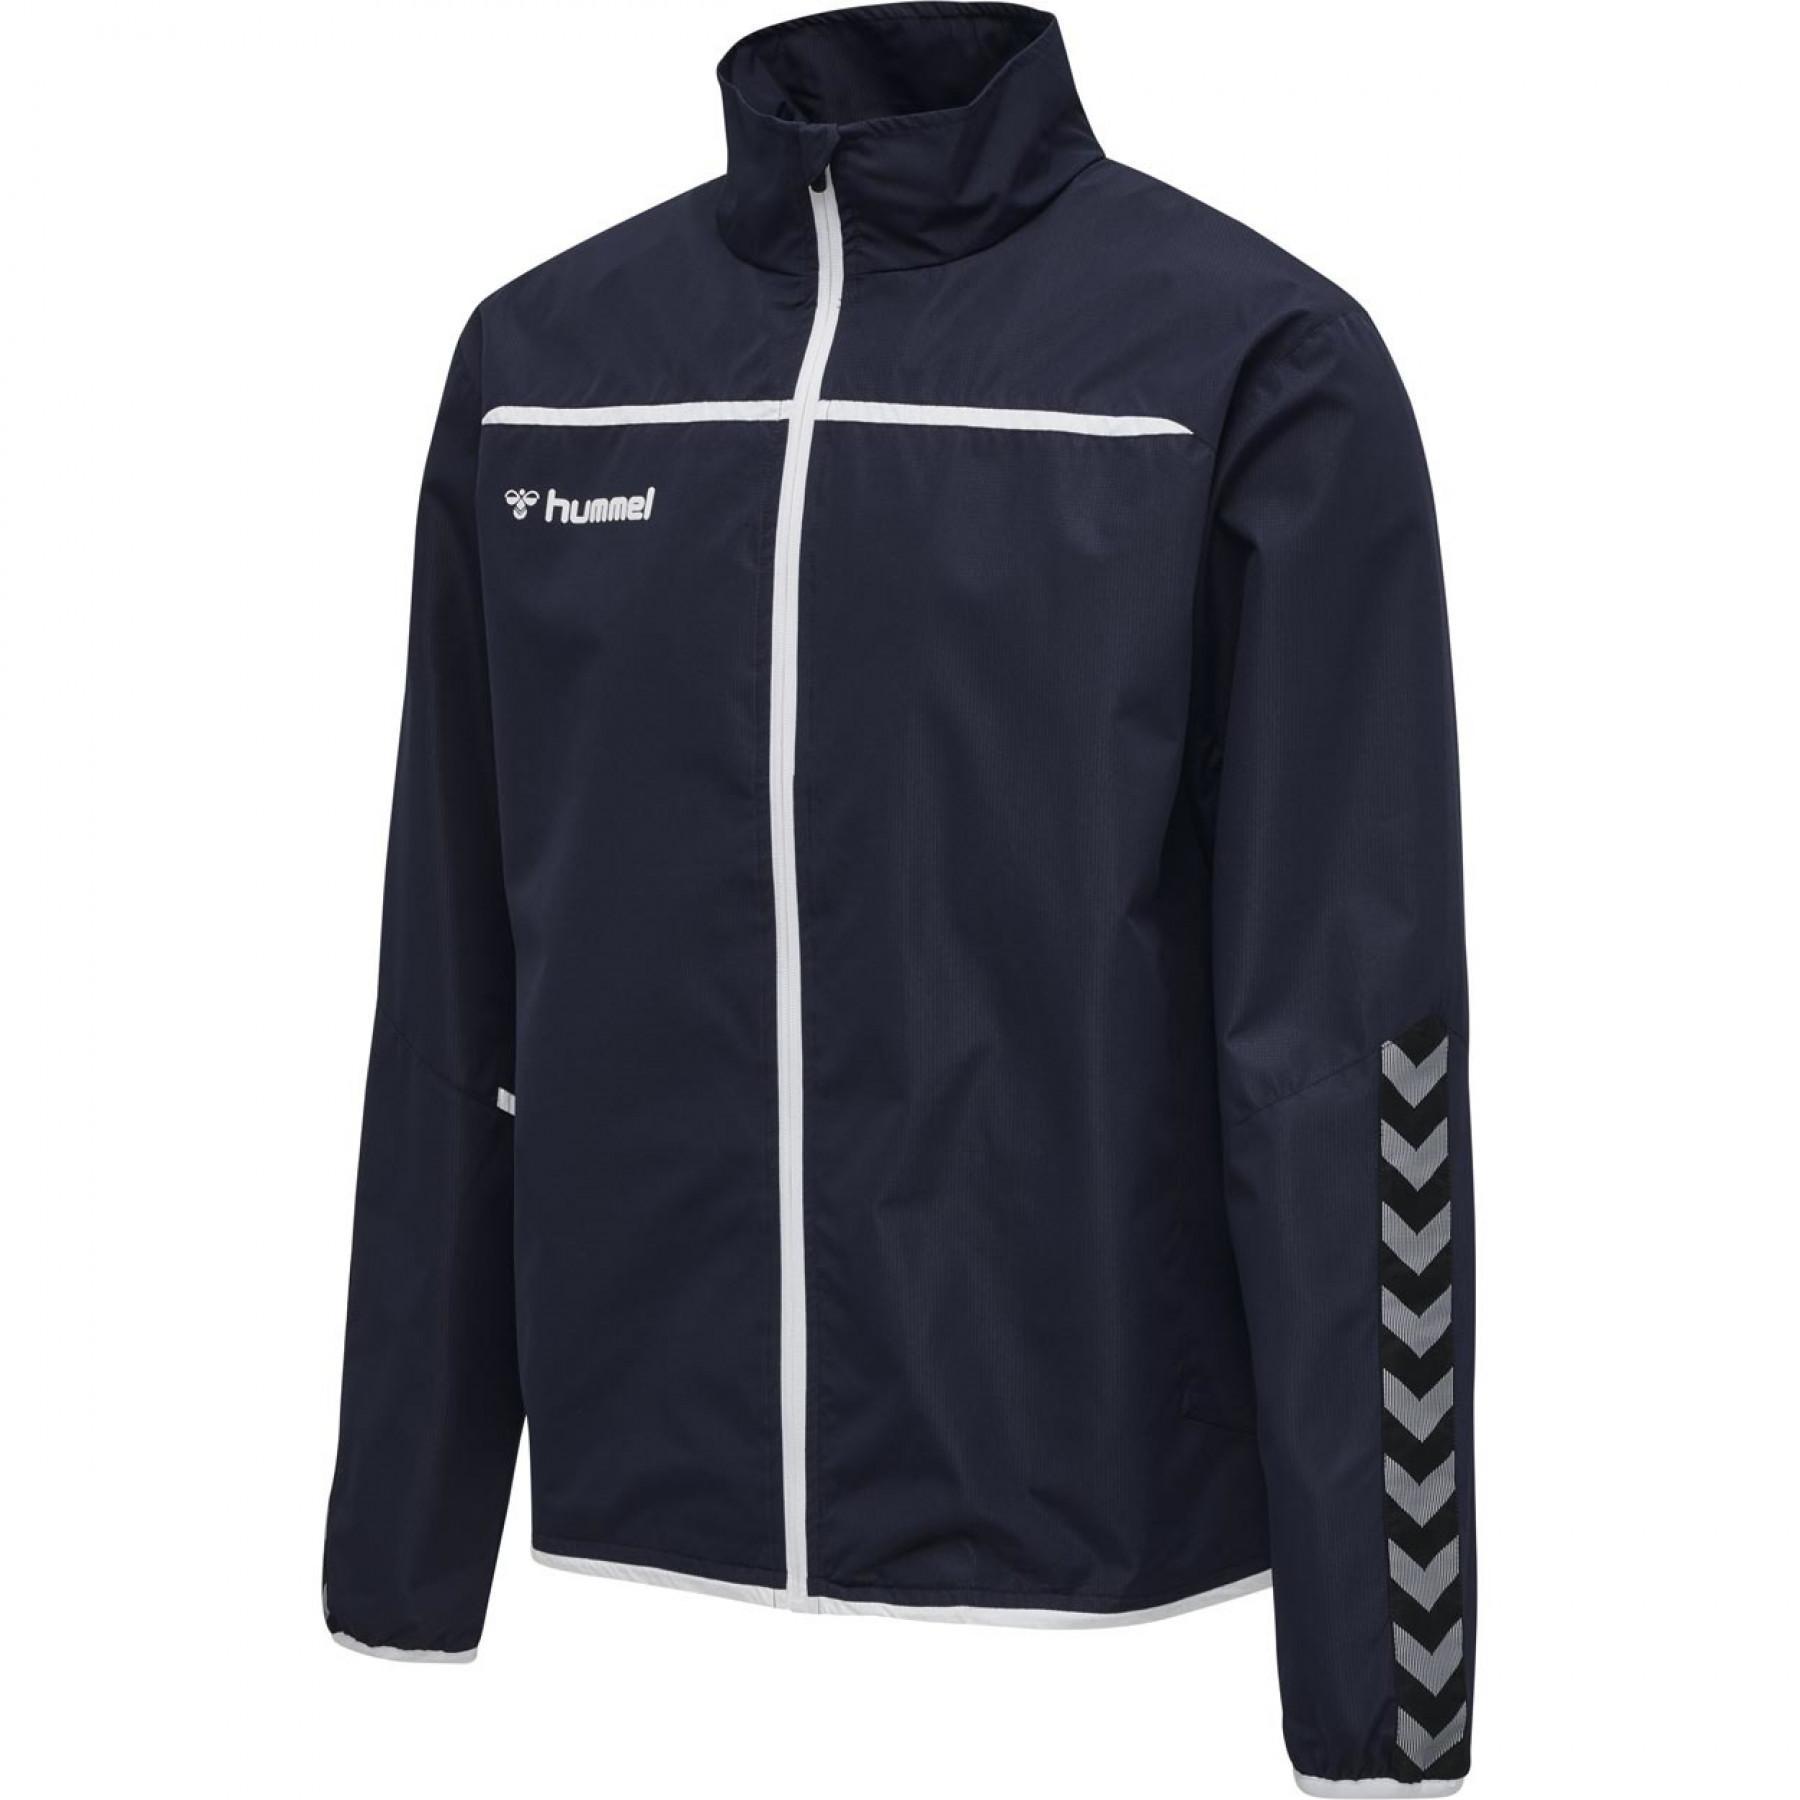 Authentic Training Jacket Hummel